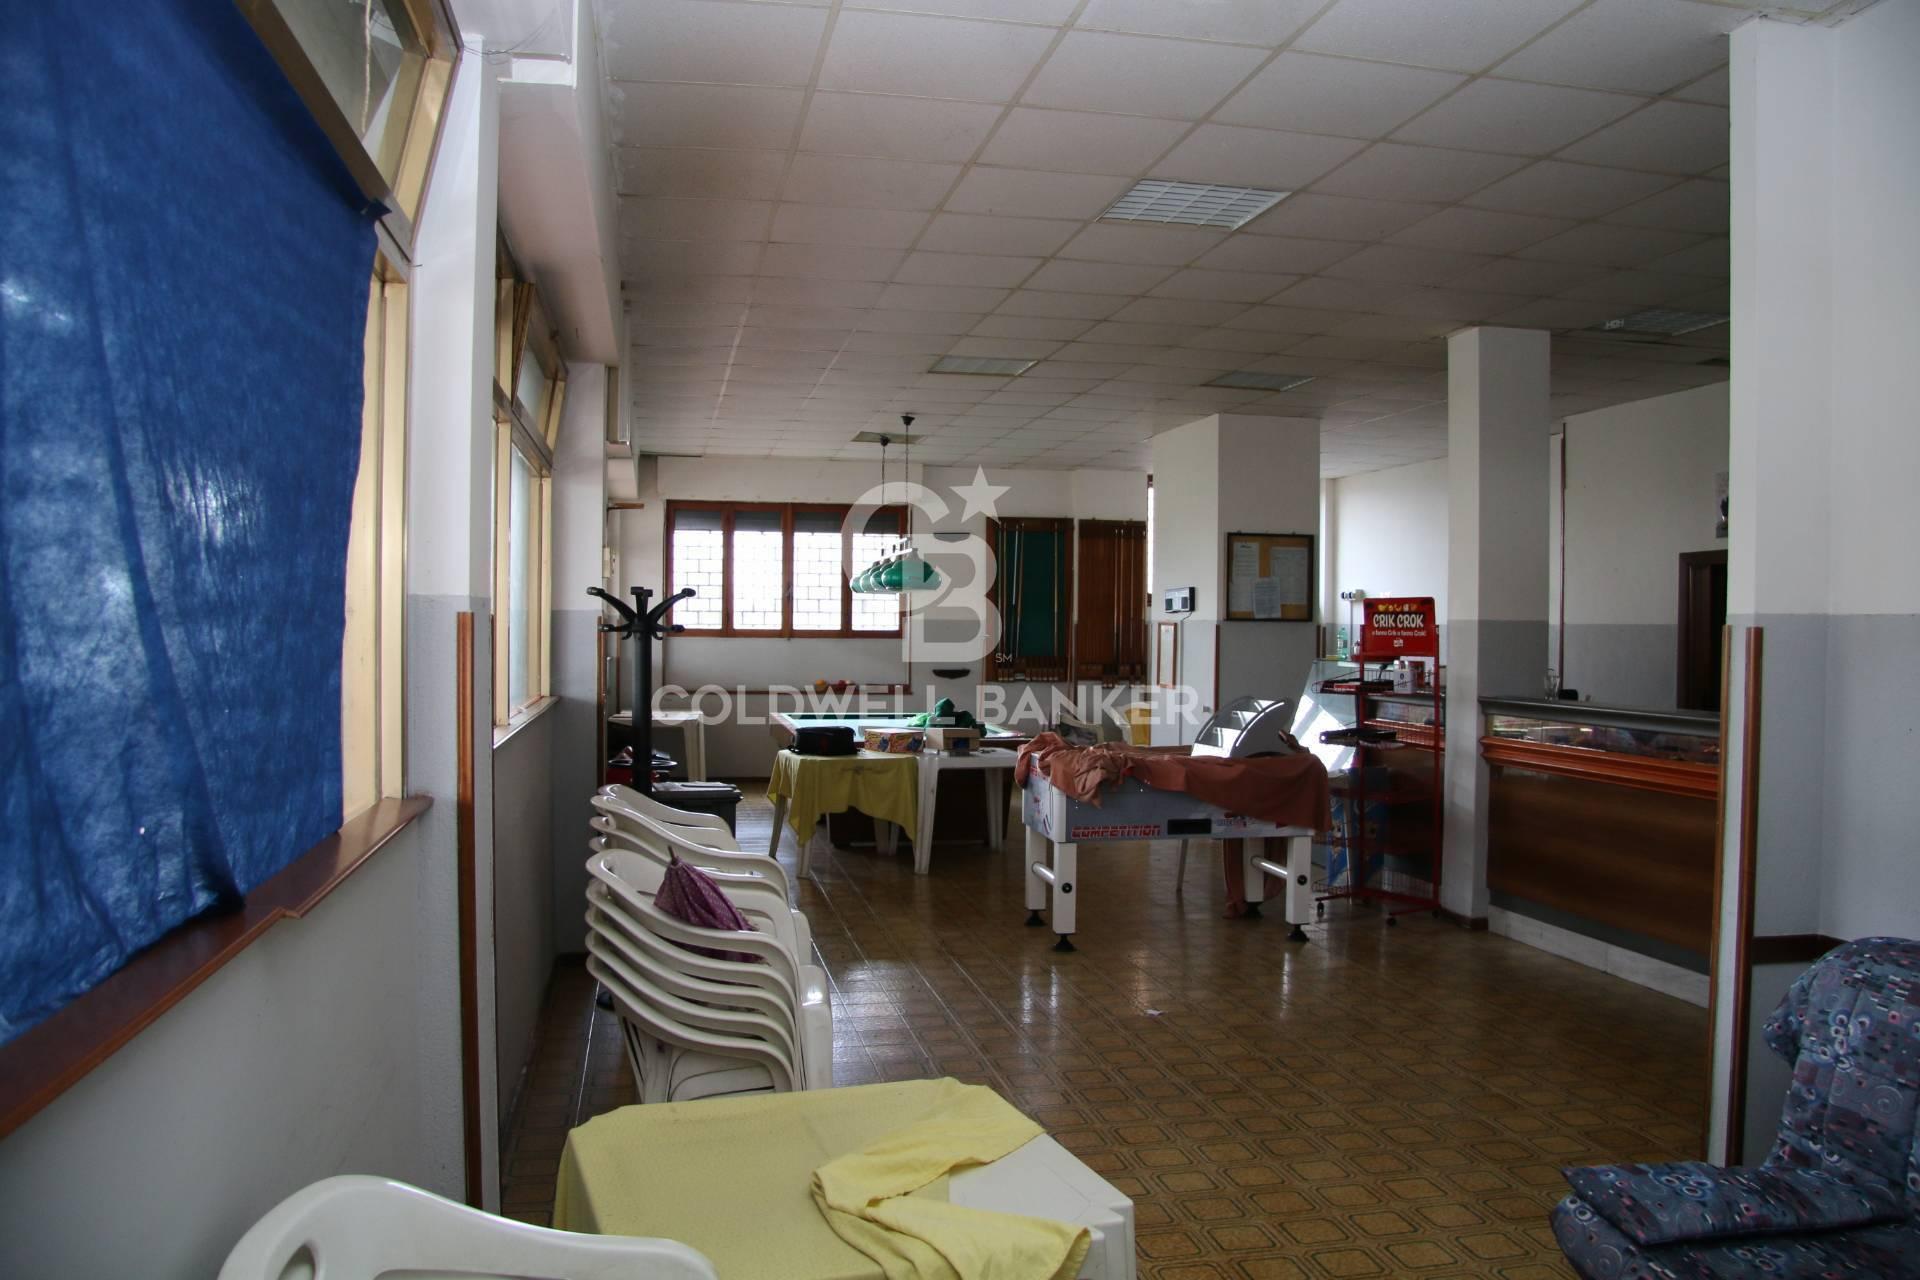 Negozio / Locale in vendita a Montalto di Castro, 9999 locali, prezzo € 65.000   CambioCasa.it